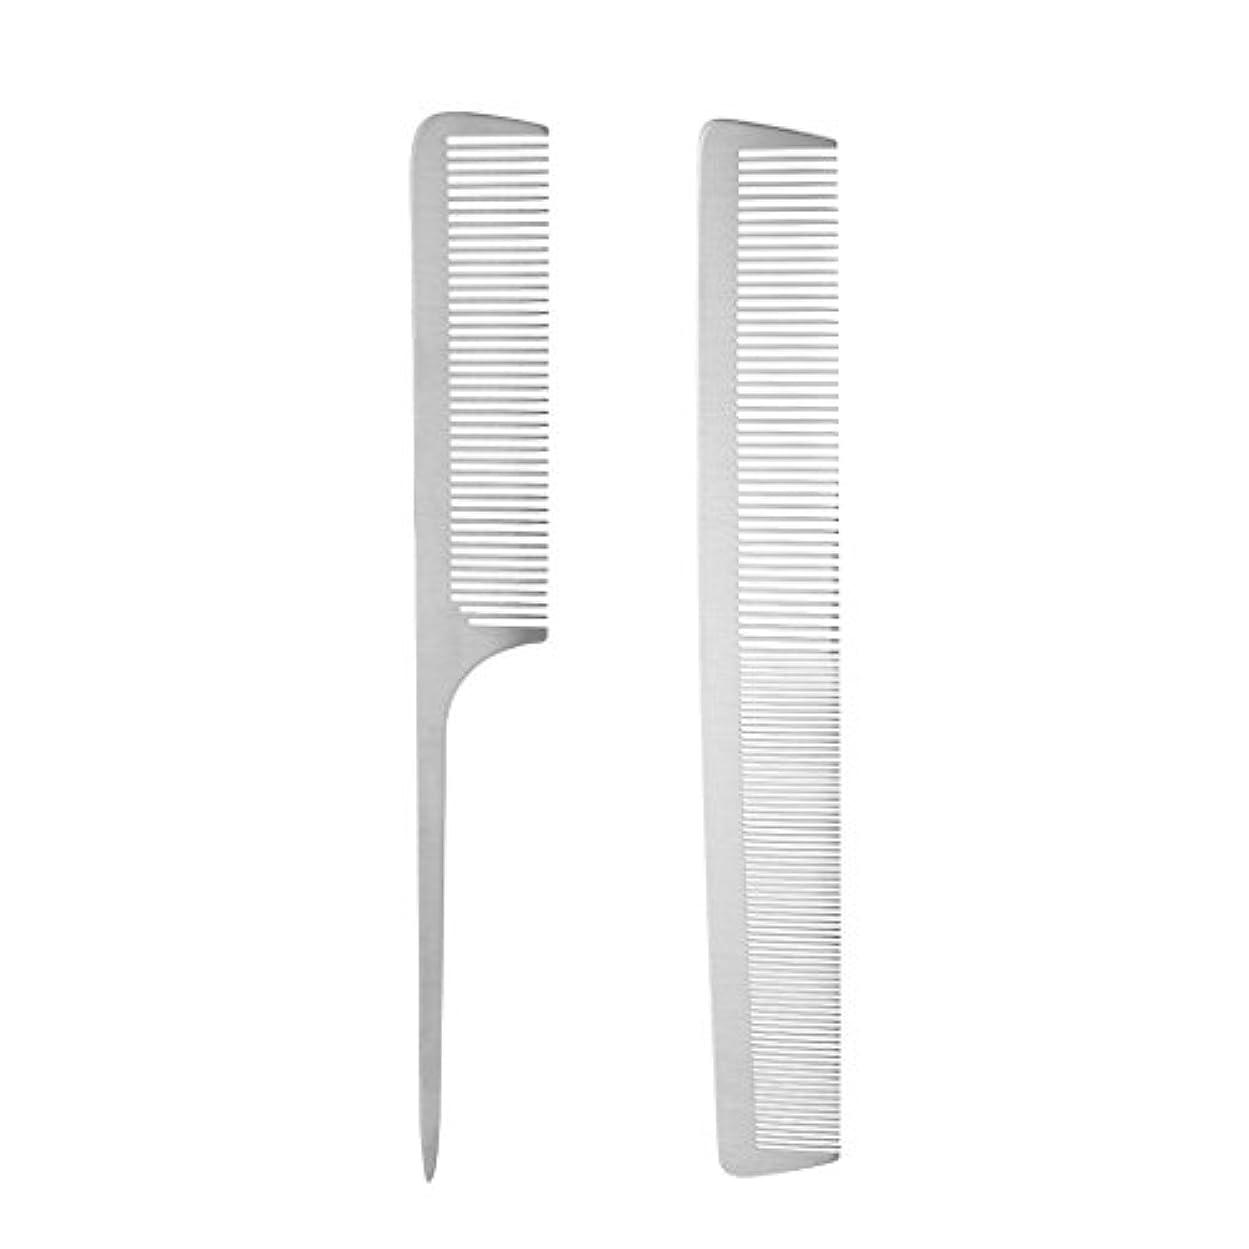 レキシコン調べる飛び込むToygogo プロ2ピース散髪くしキットホワイトカラーサロン理髪くし帯電防止ステンレス鋼耐久性